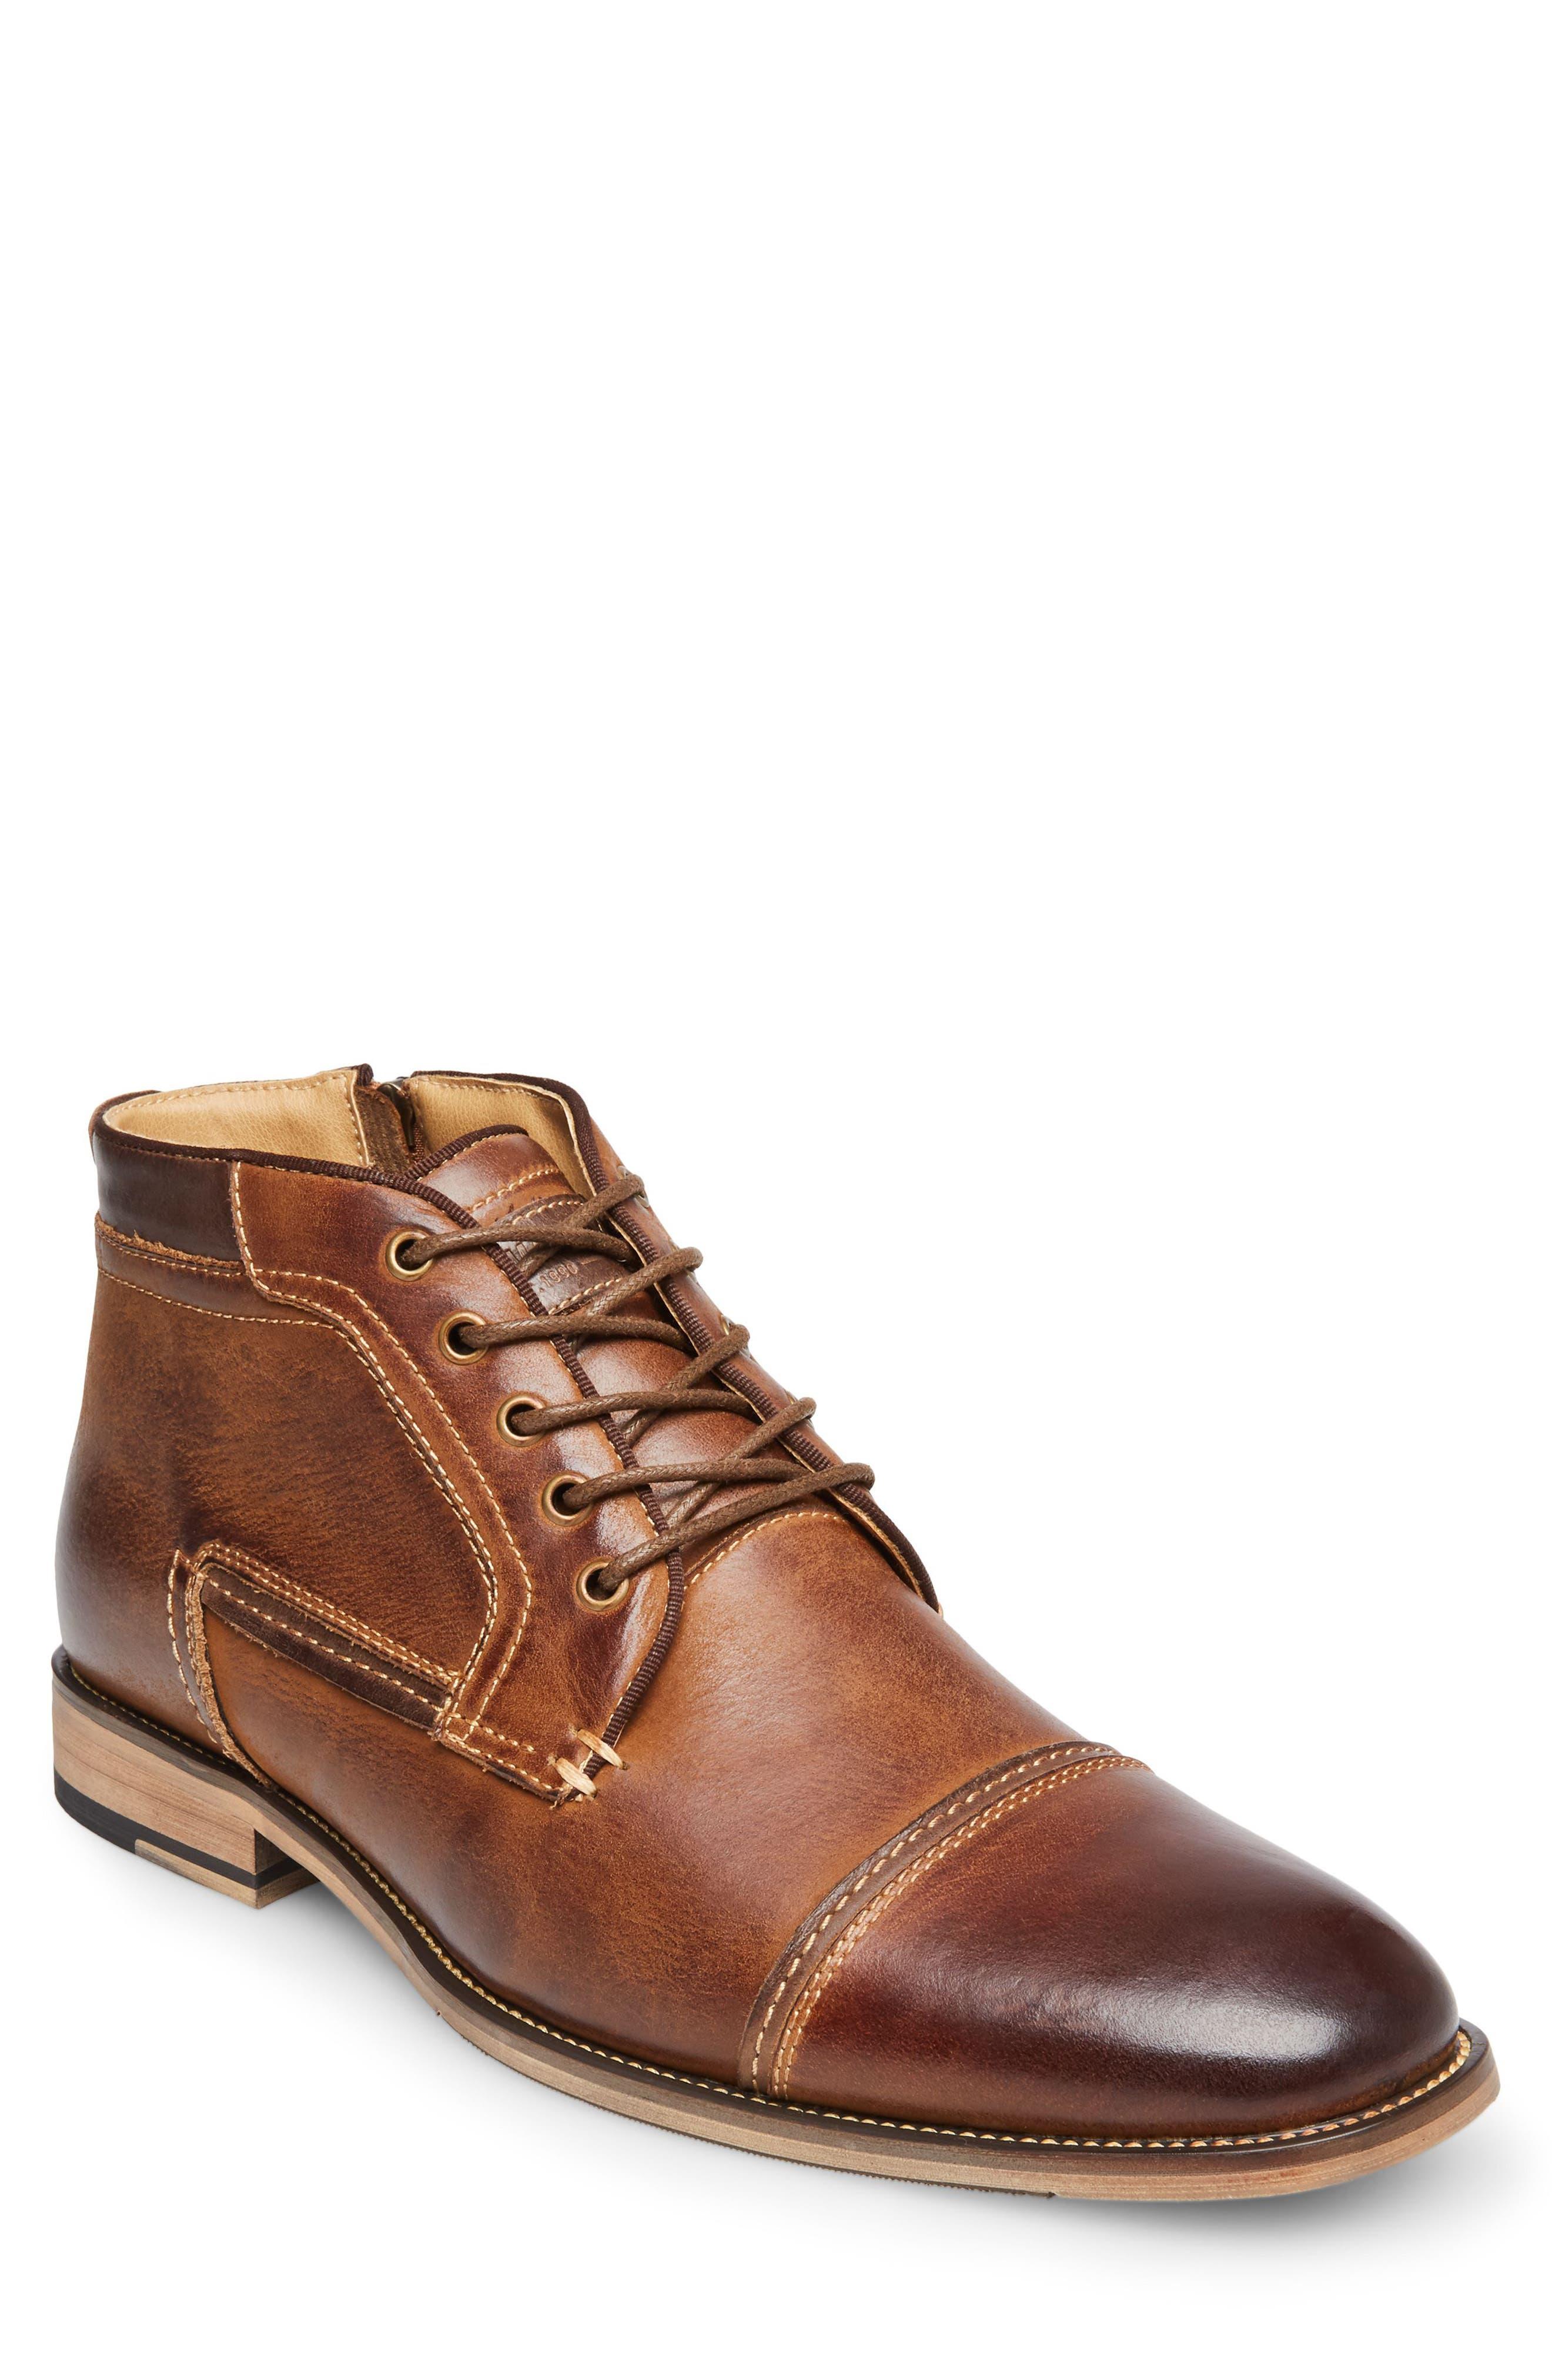 Joyce Cap Toe Boot,                         Main,                         color, Dark Tan